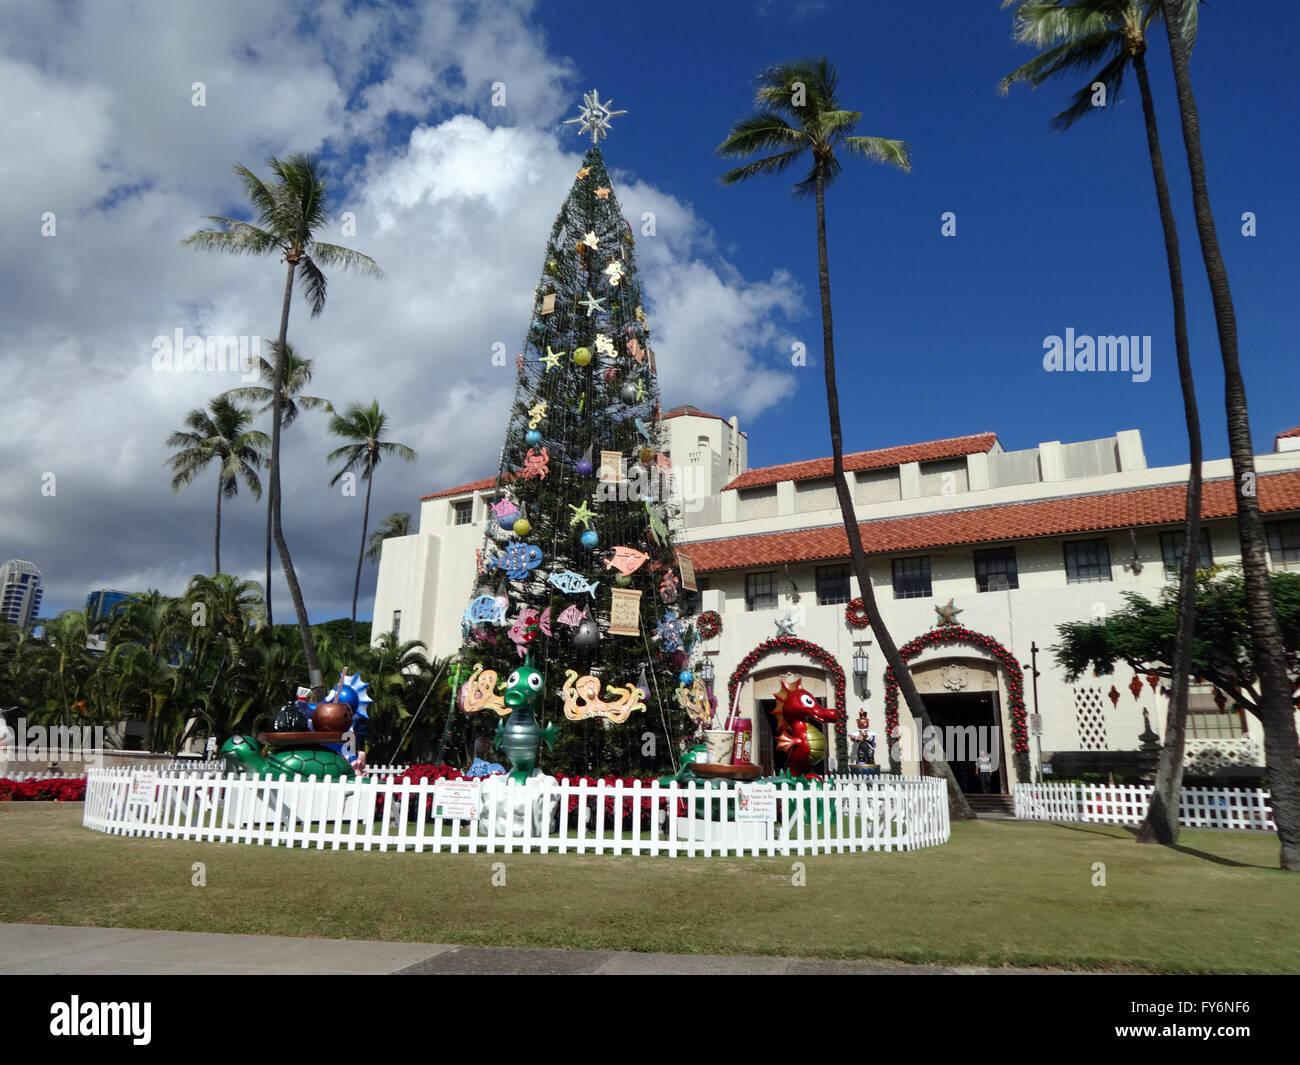 HONOLULU - DECEMBER 16, 2013: 50-foot Norfolk pine Christmas Tree in ...